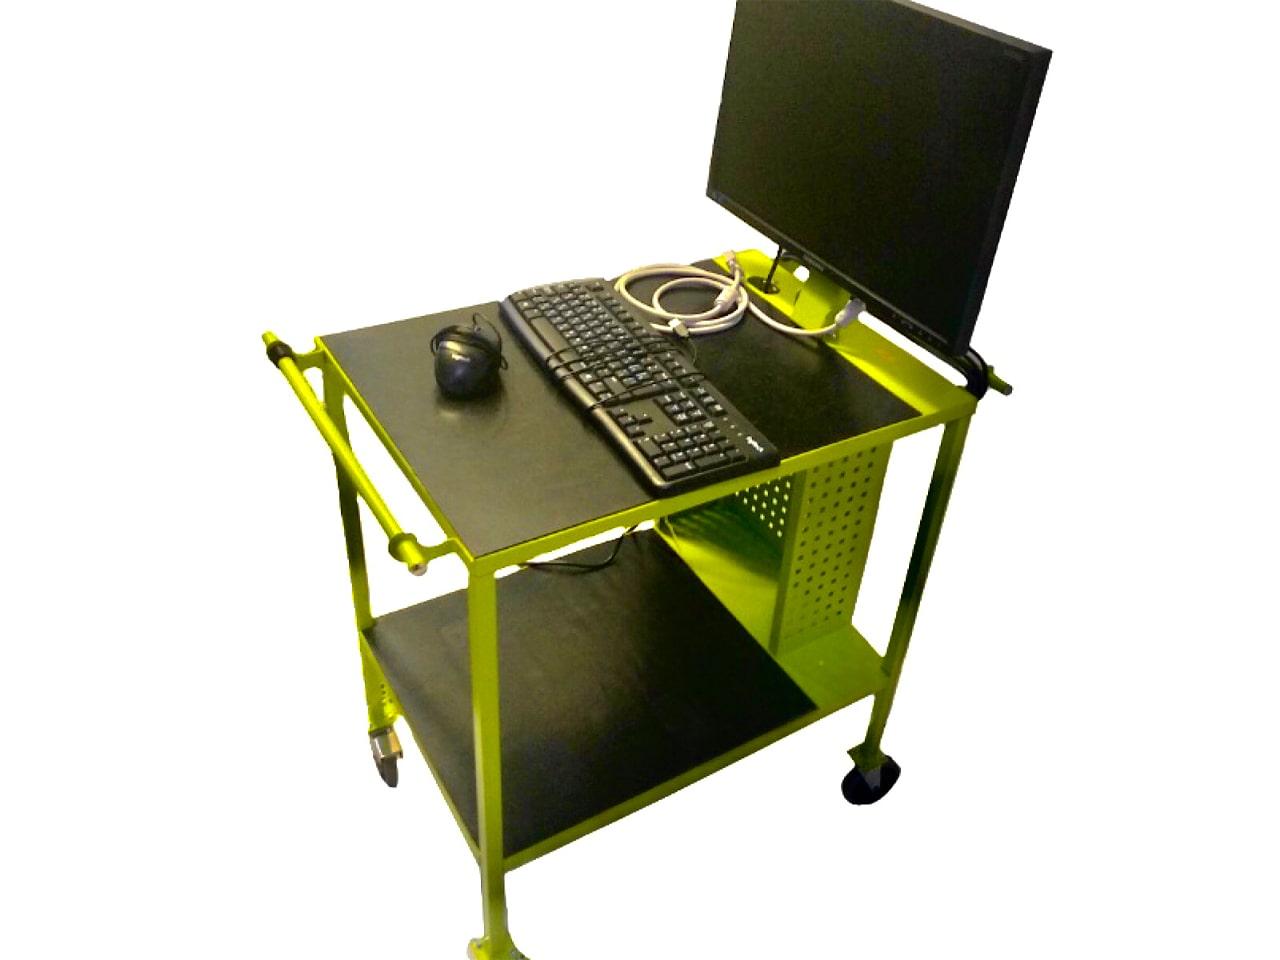 Металлический стол на колёсиках с кронштейном для монитора